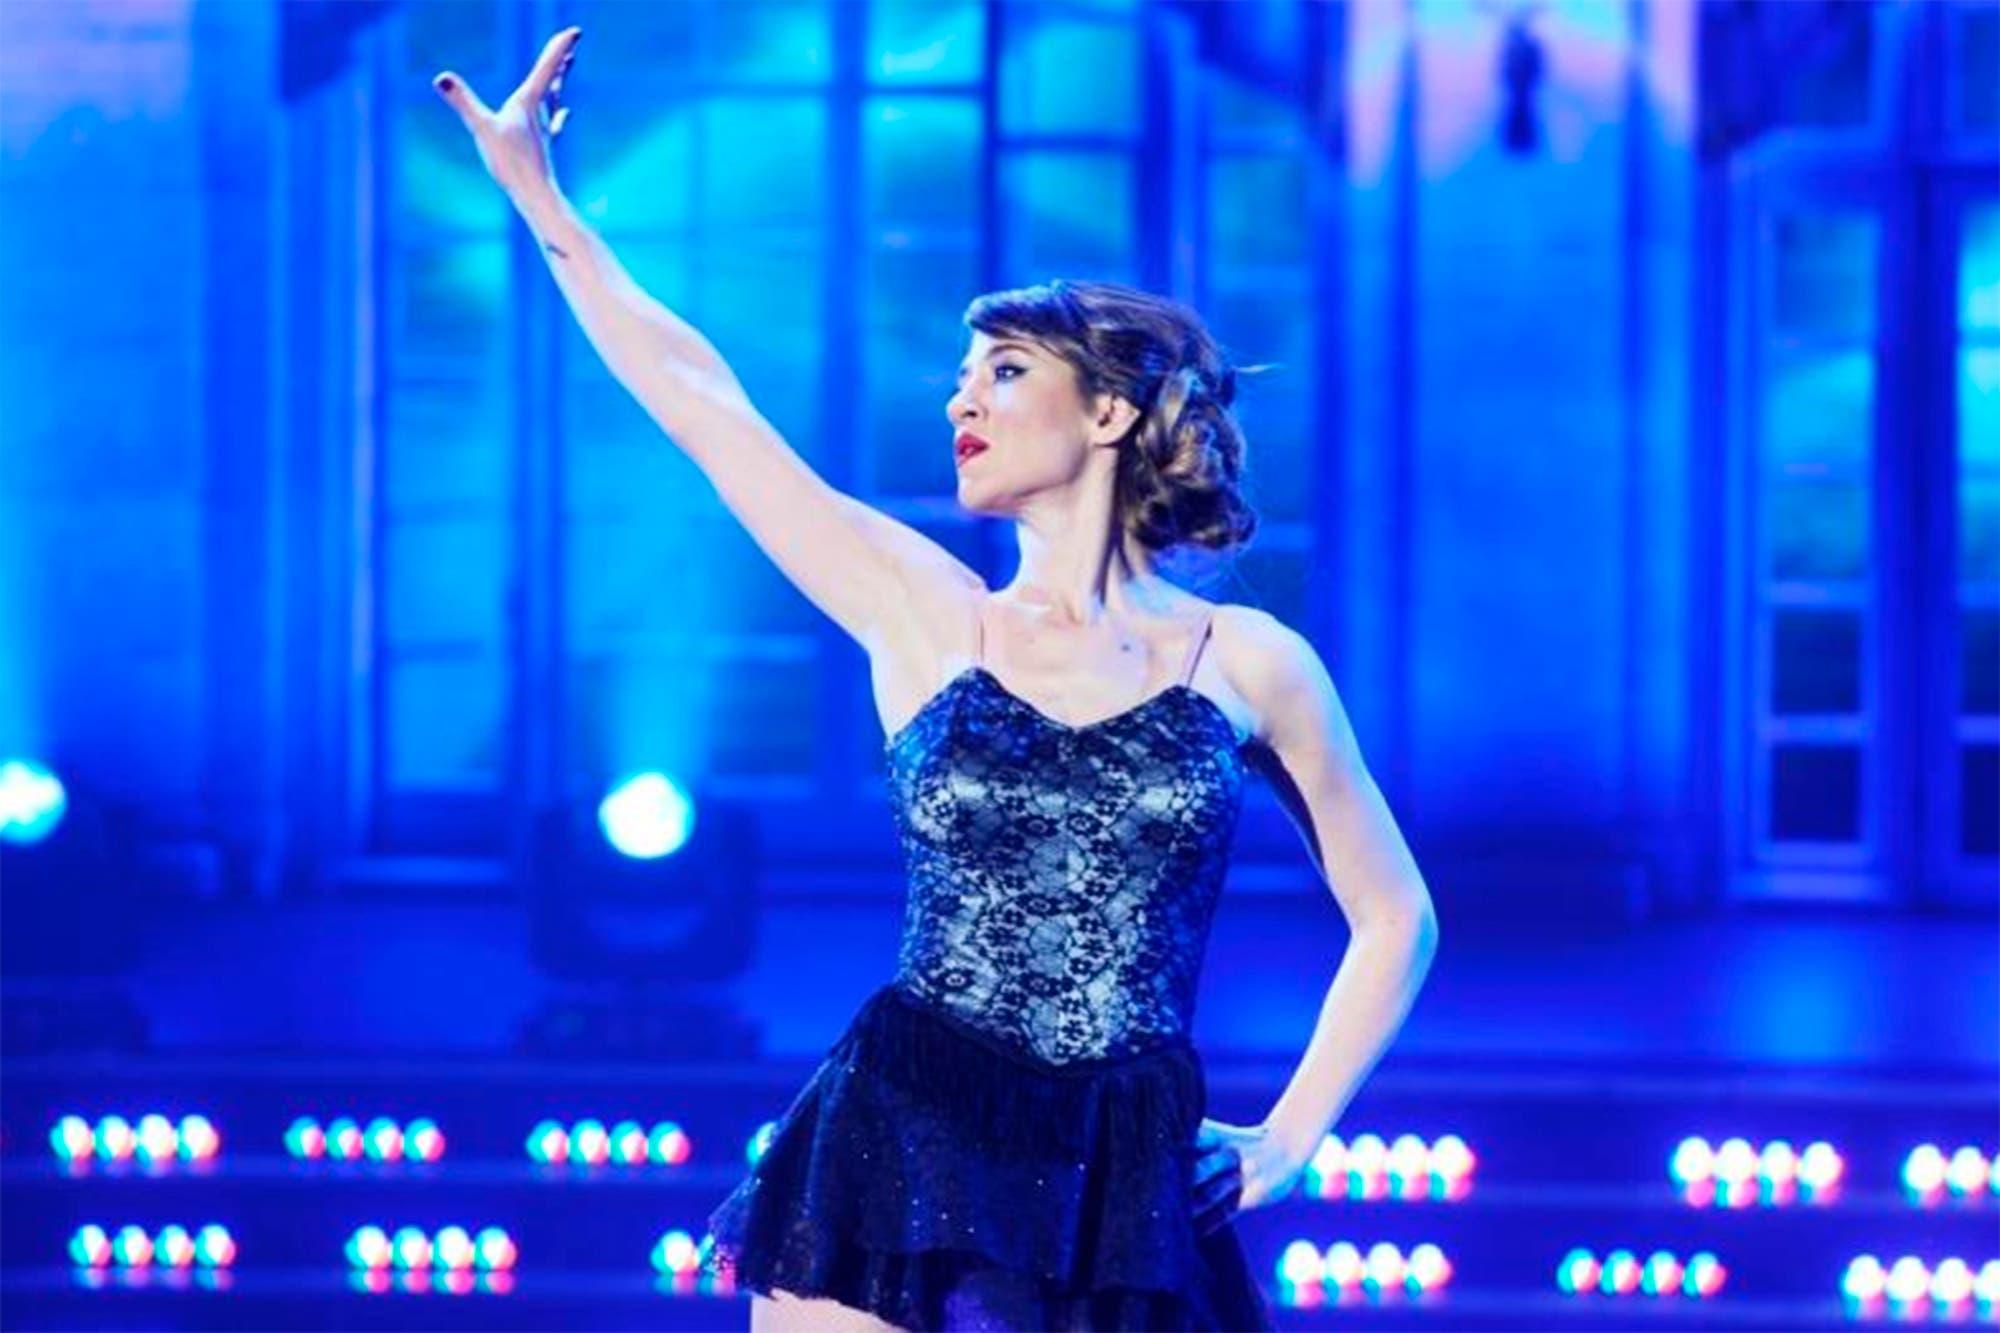 Jimena Barón cautivó a Maluma con su baile